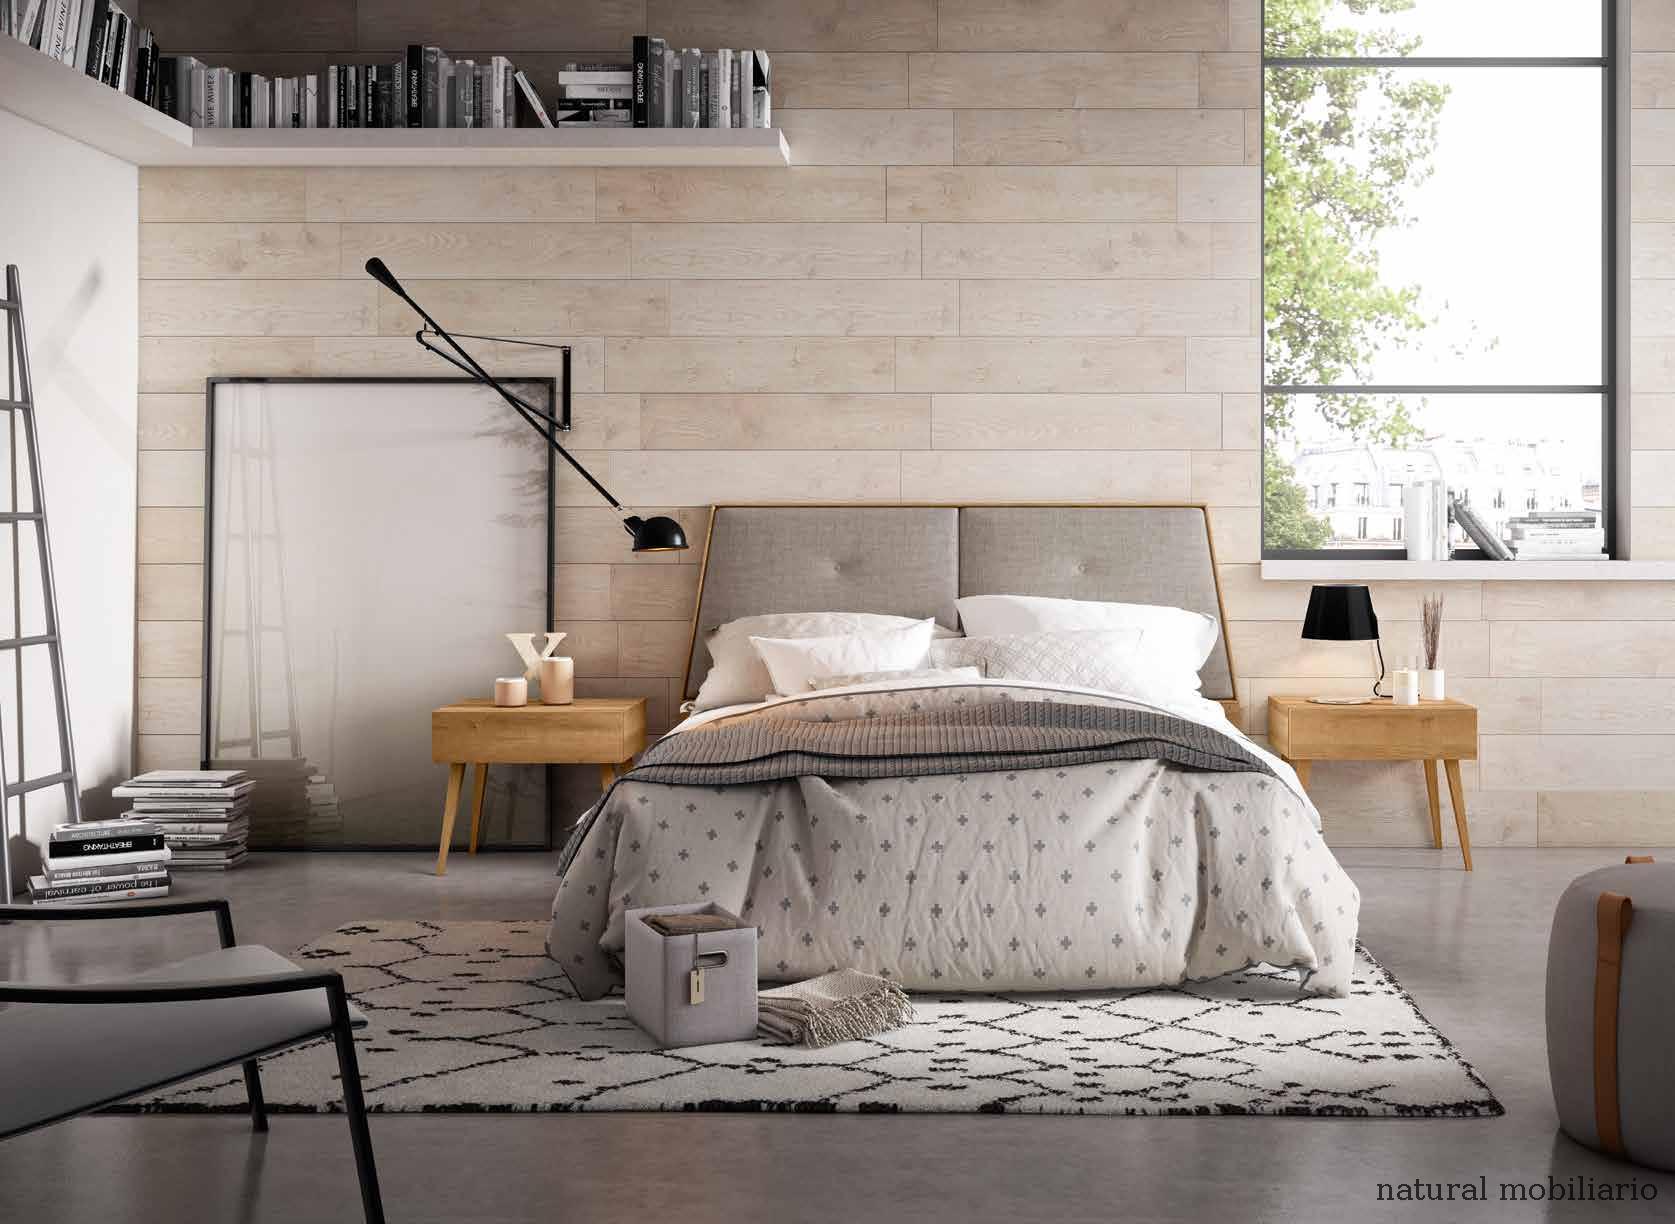 Muebles Modernos chapa sintética/lacados Dormitorio contemporaneo Boho